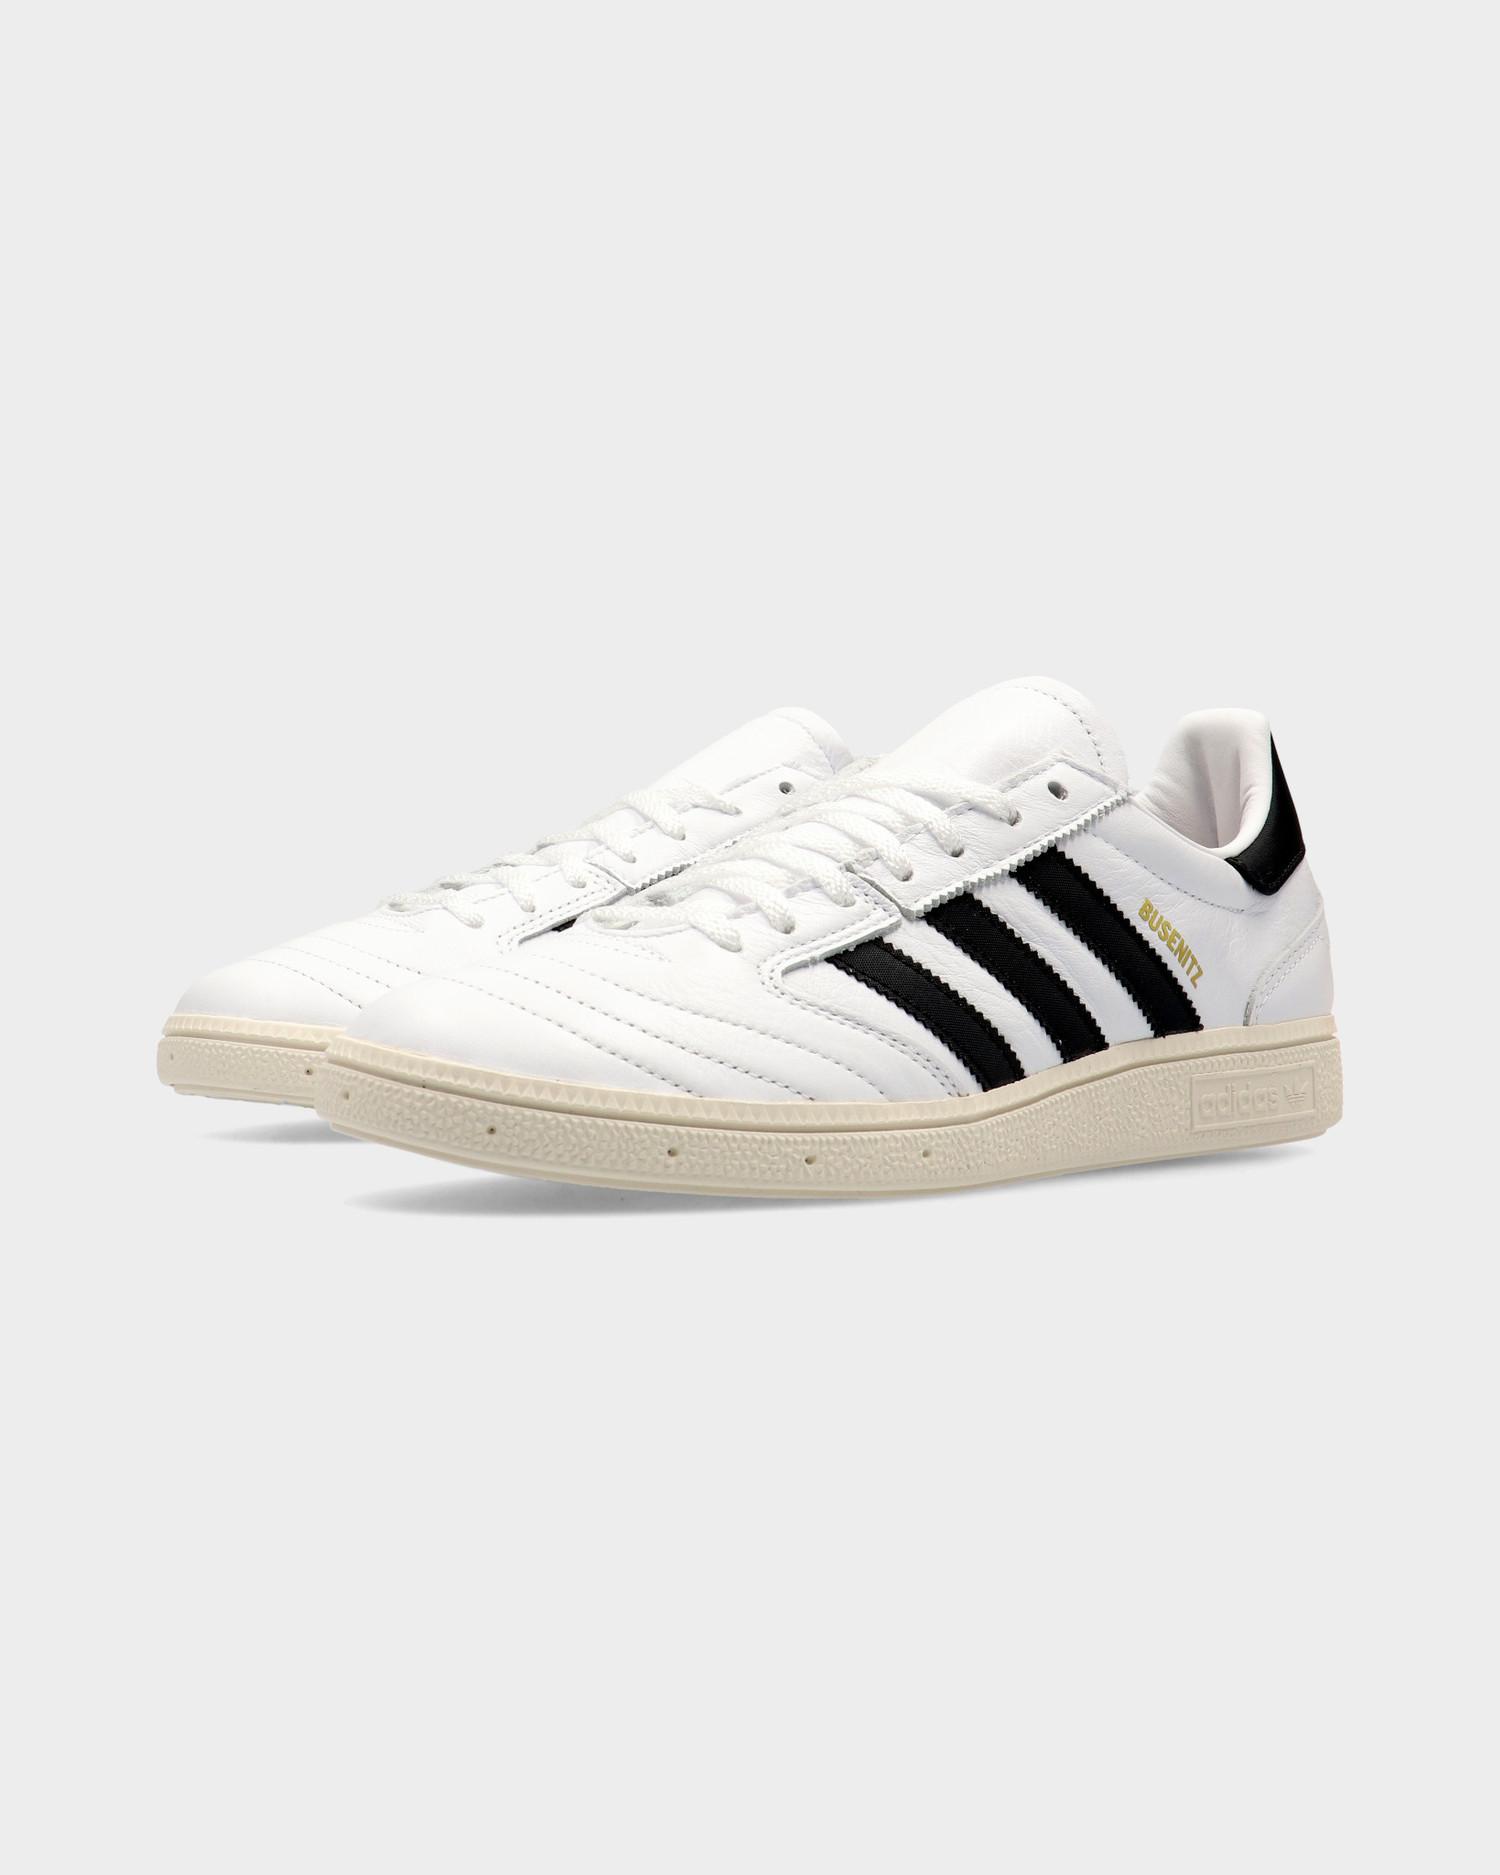 Adidas Busenitz Vintage Footwear White/Cblack/Cloud White